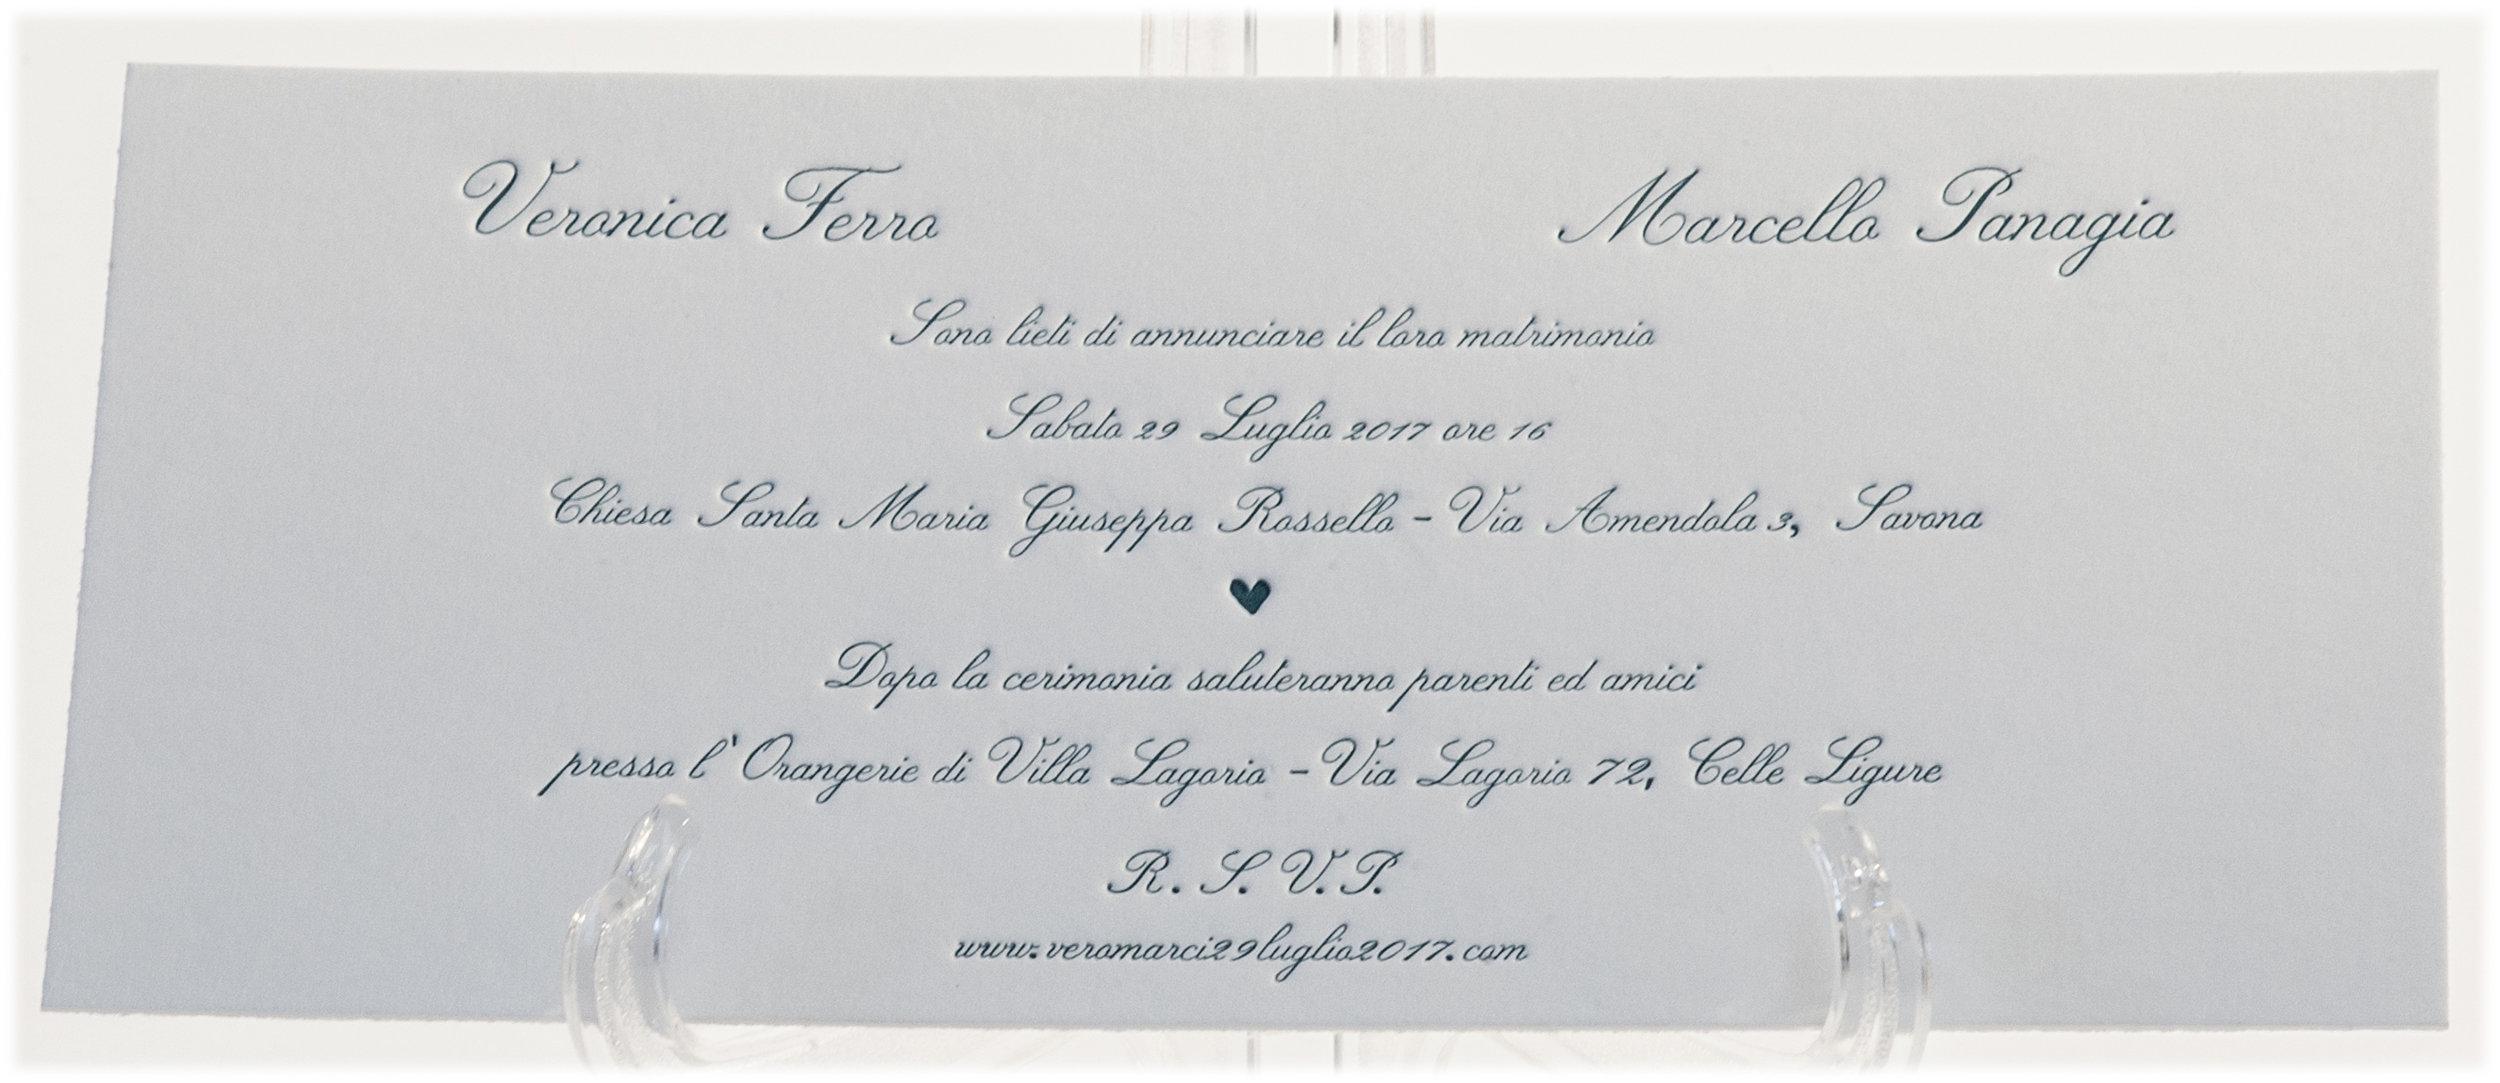 Carta Gmund 600 gr, stampa Letterpress a 1 colore